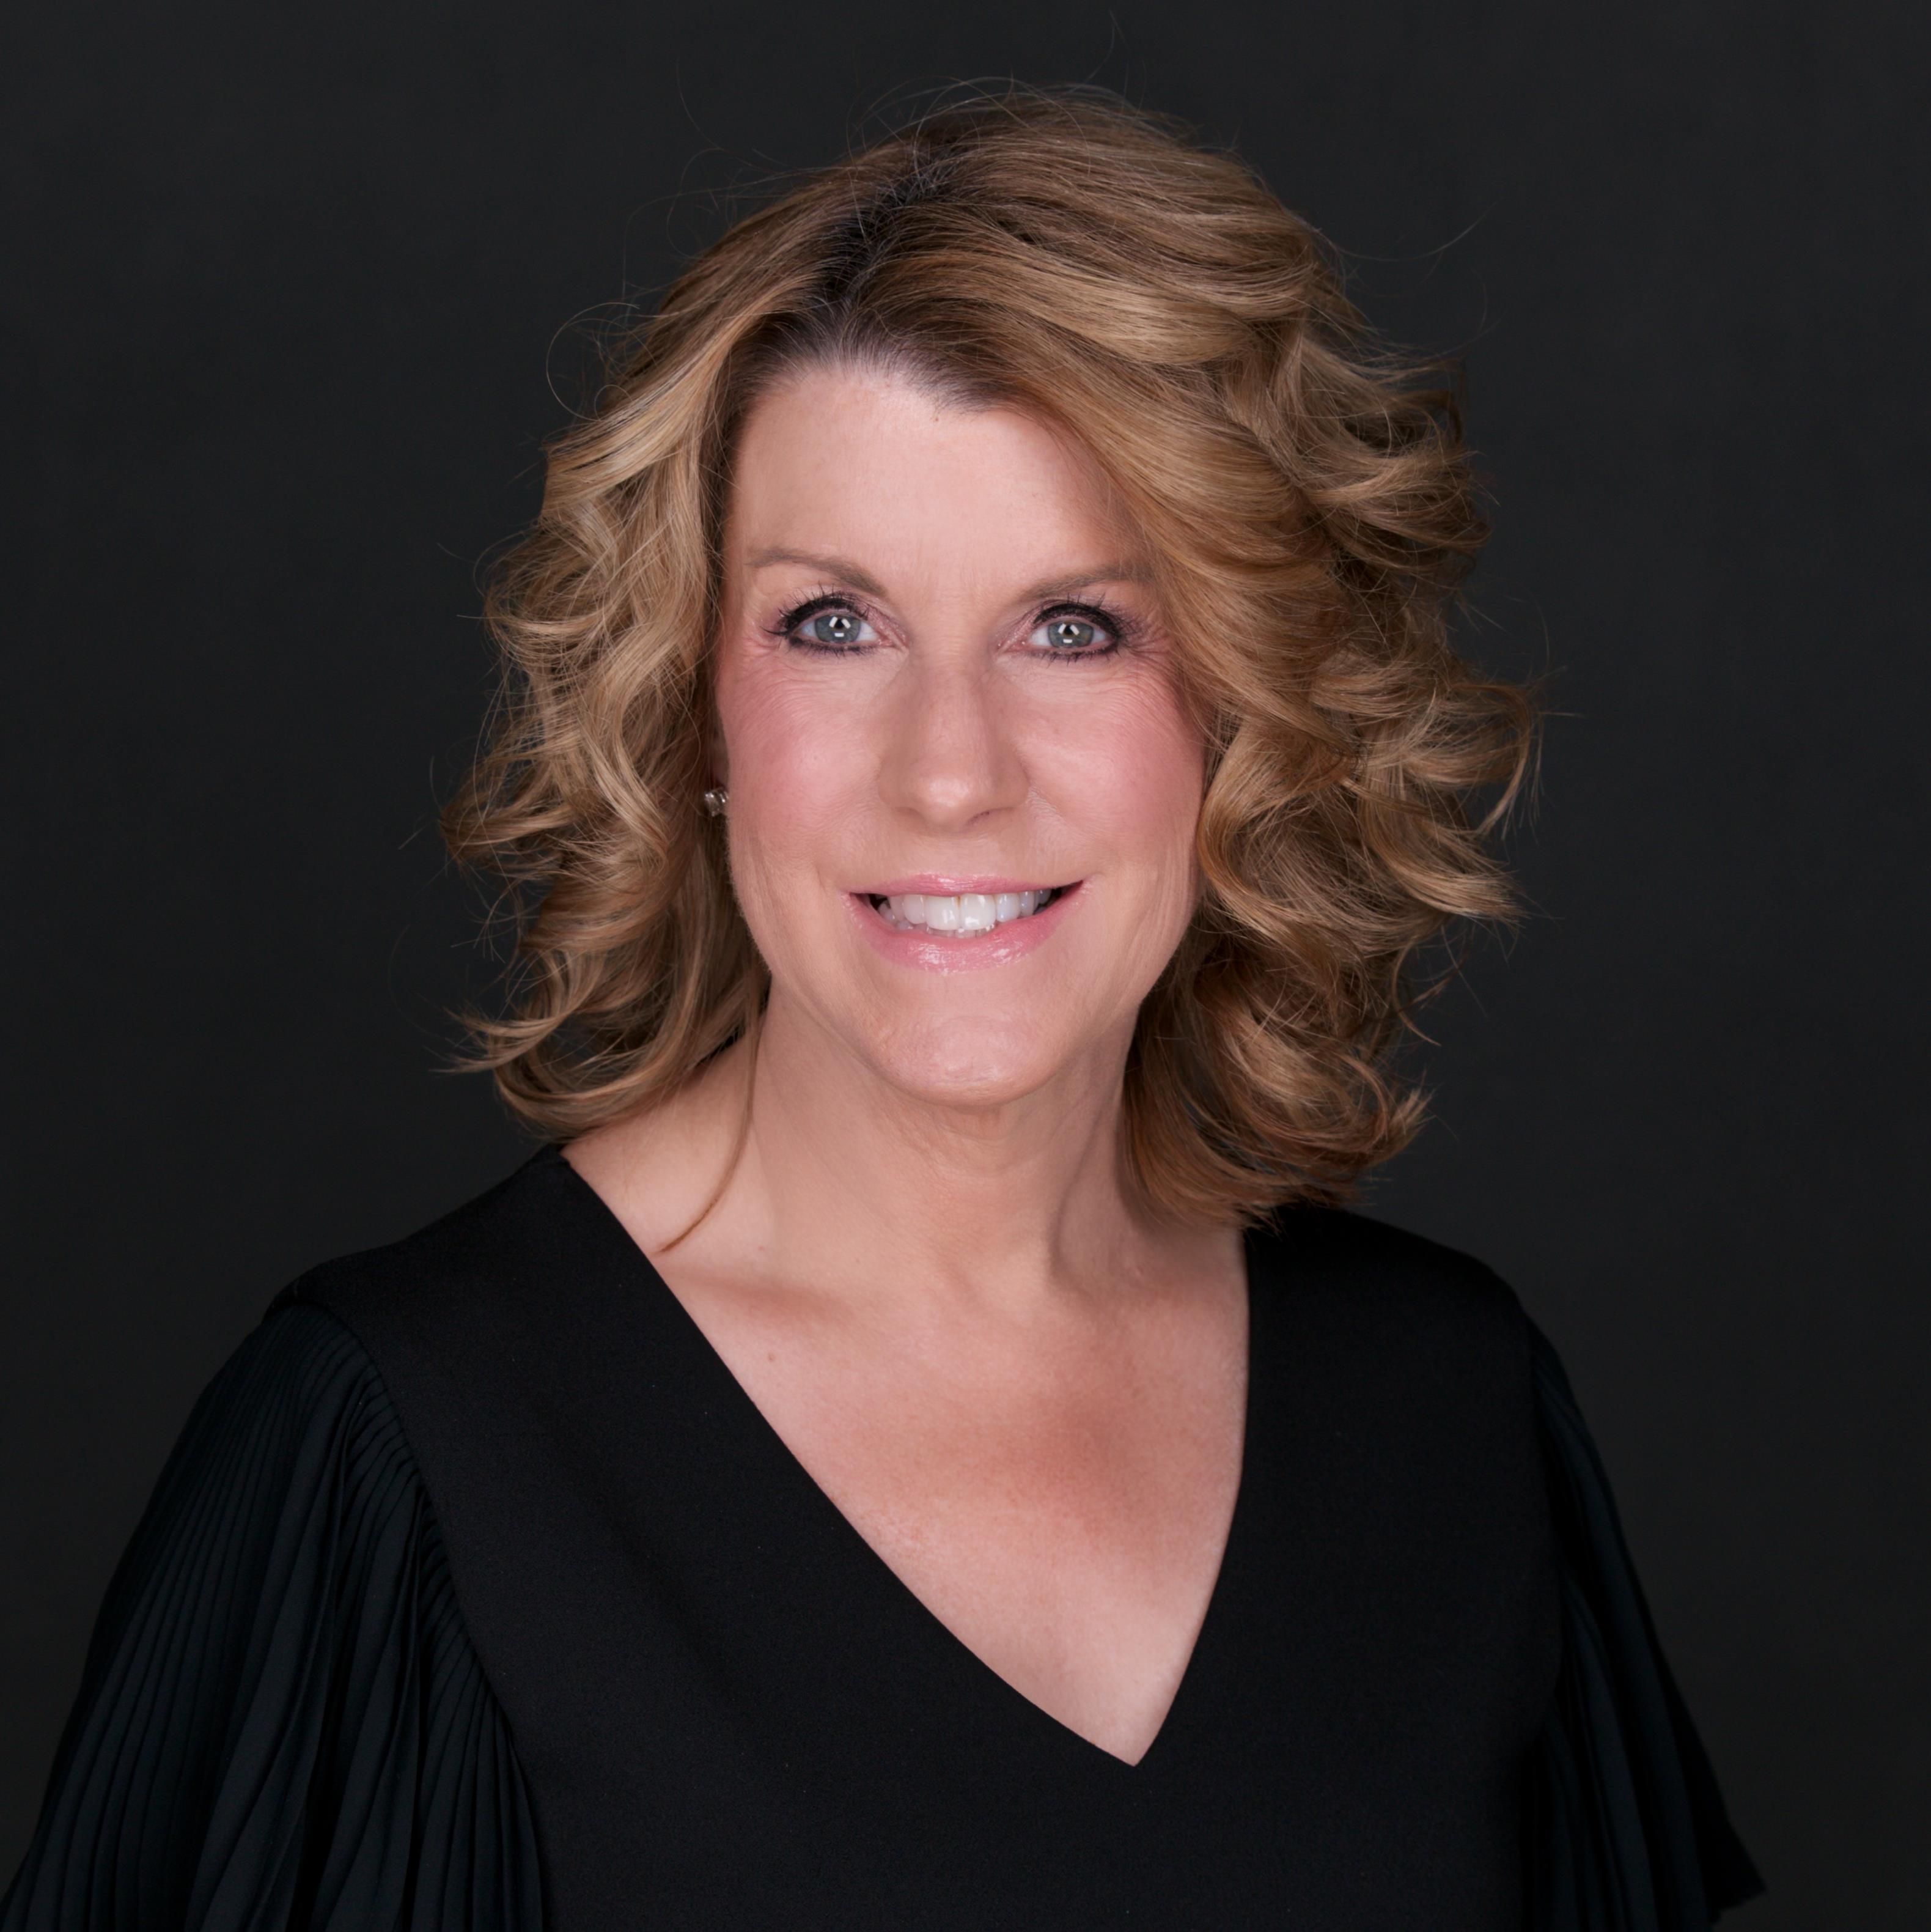 Wendy Wright Headshot 2020.jpg